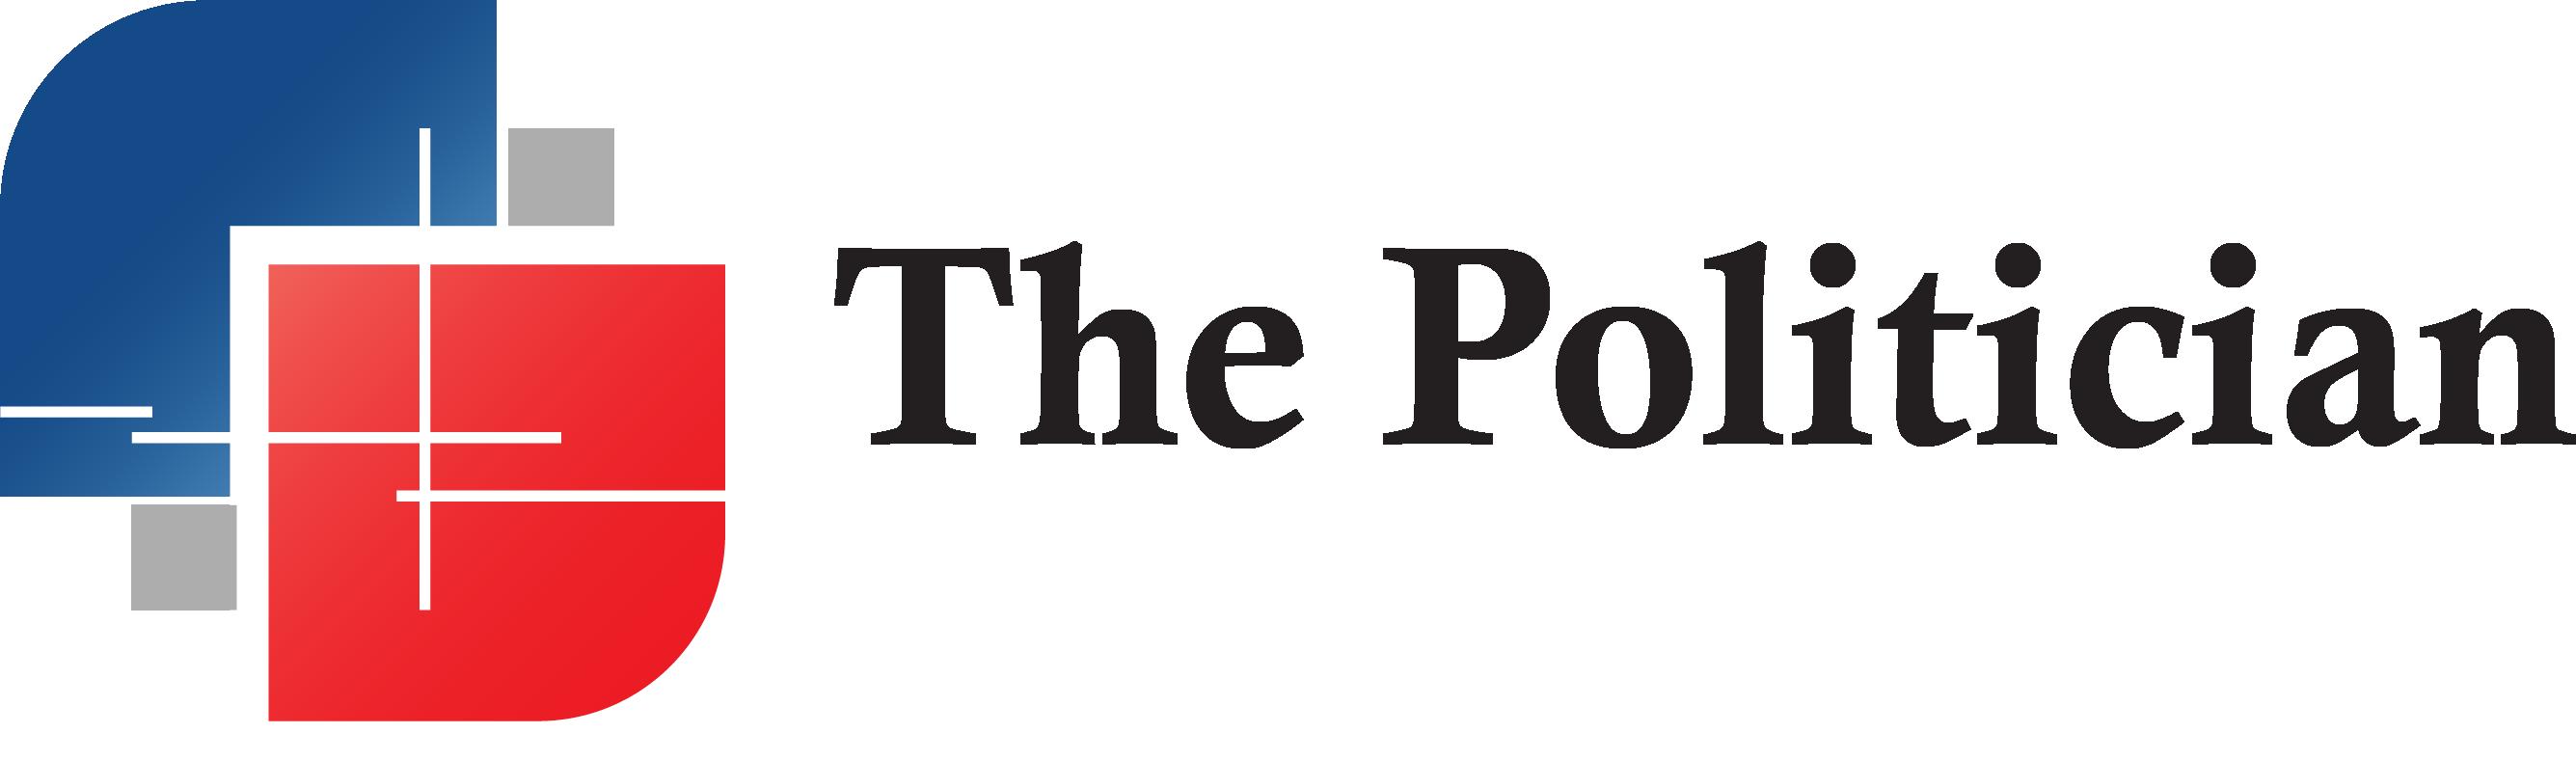 The Politicain